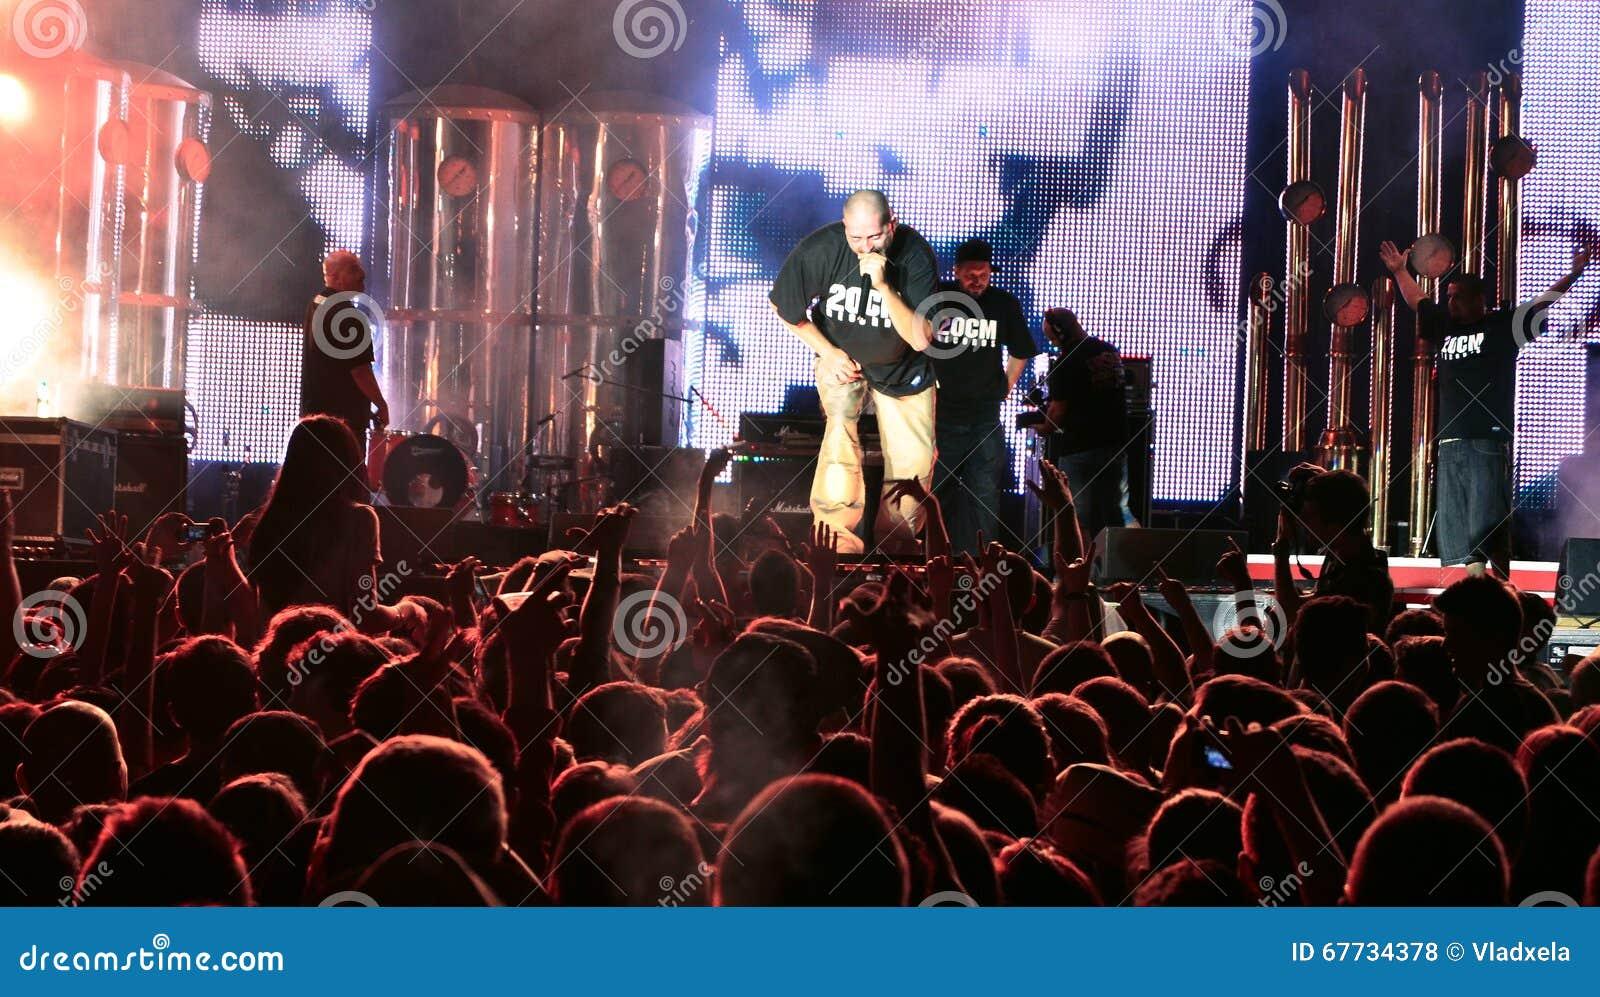 Bilete la Concerte Hip Hop - primariabeuca.ro